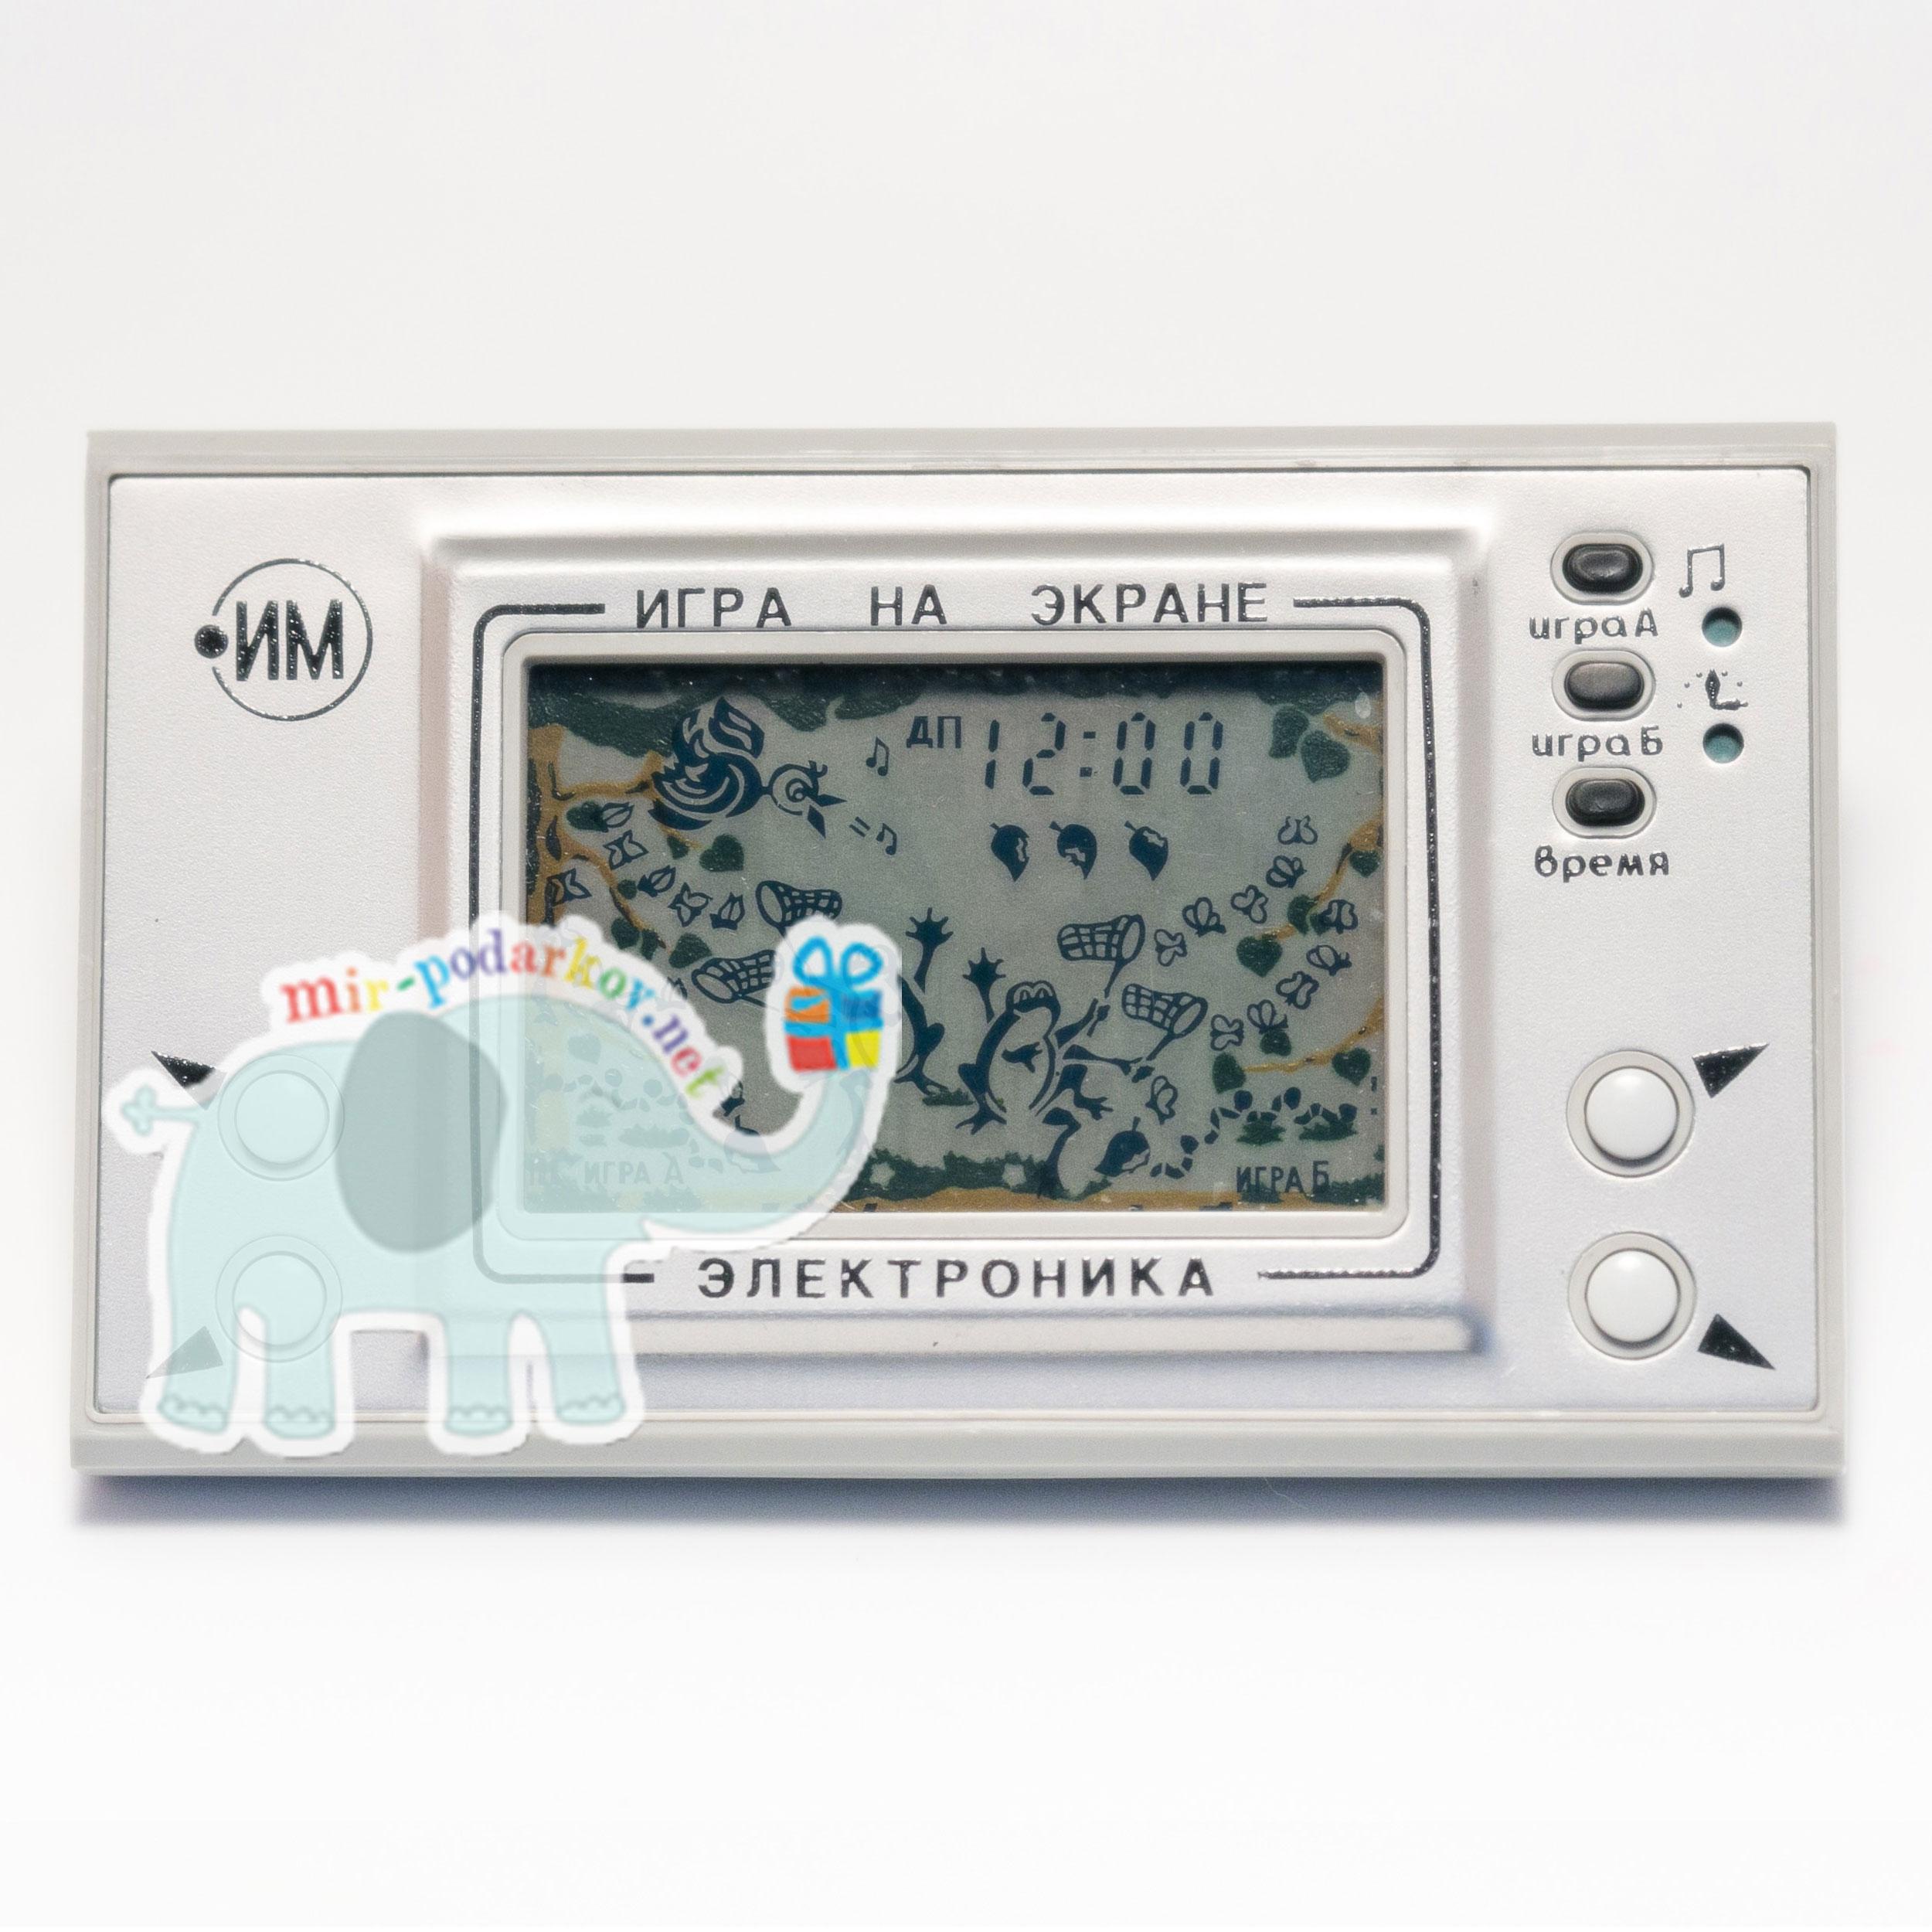 Электронная игра Квака-Задавака (оригинал)